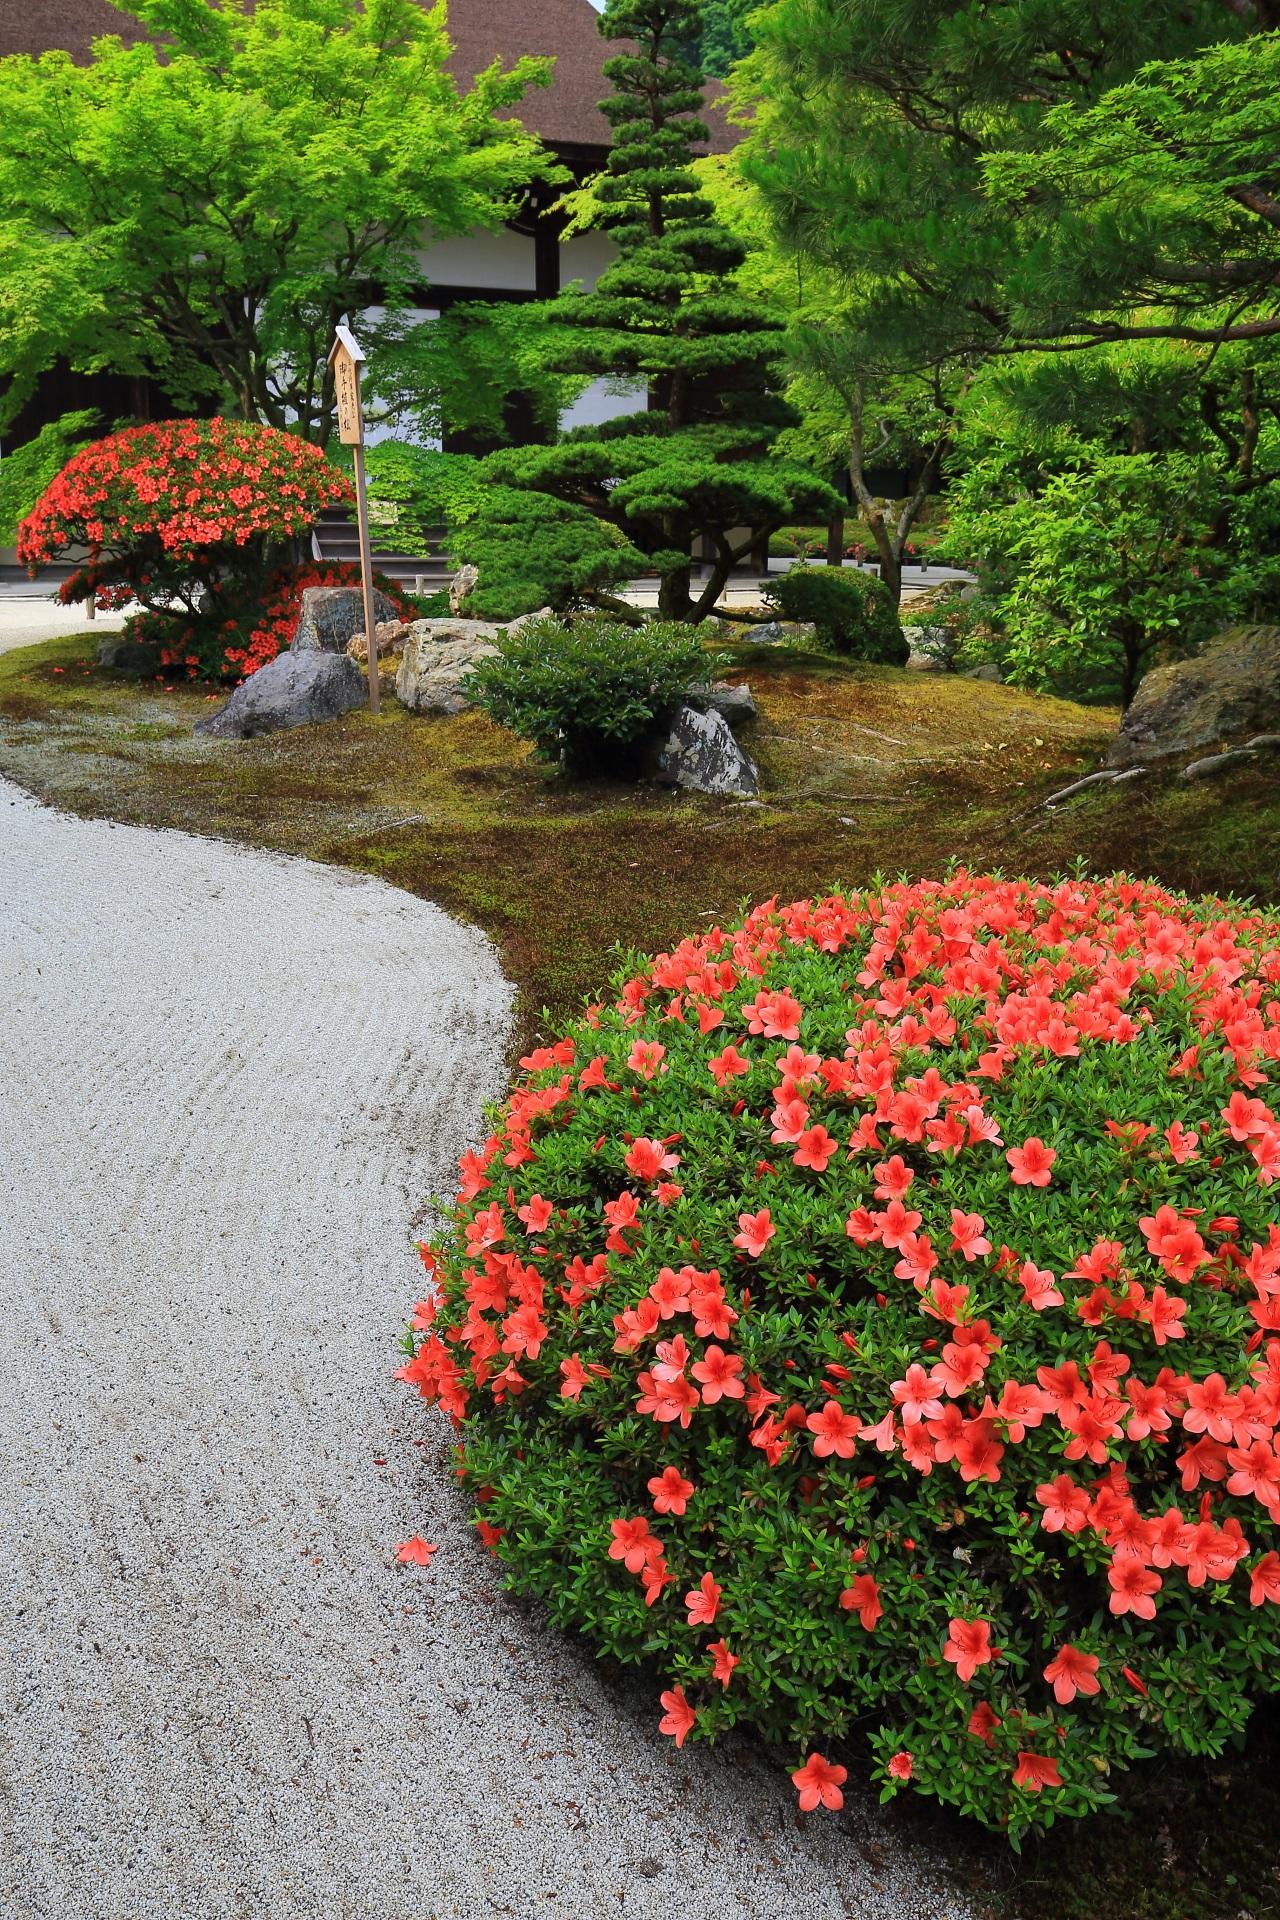 周りの風景や背景も重要な知恩院方丈庭園の極上のサツキ